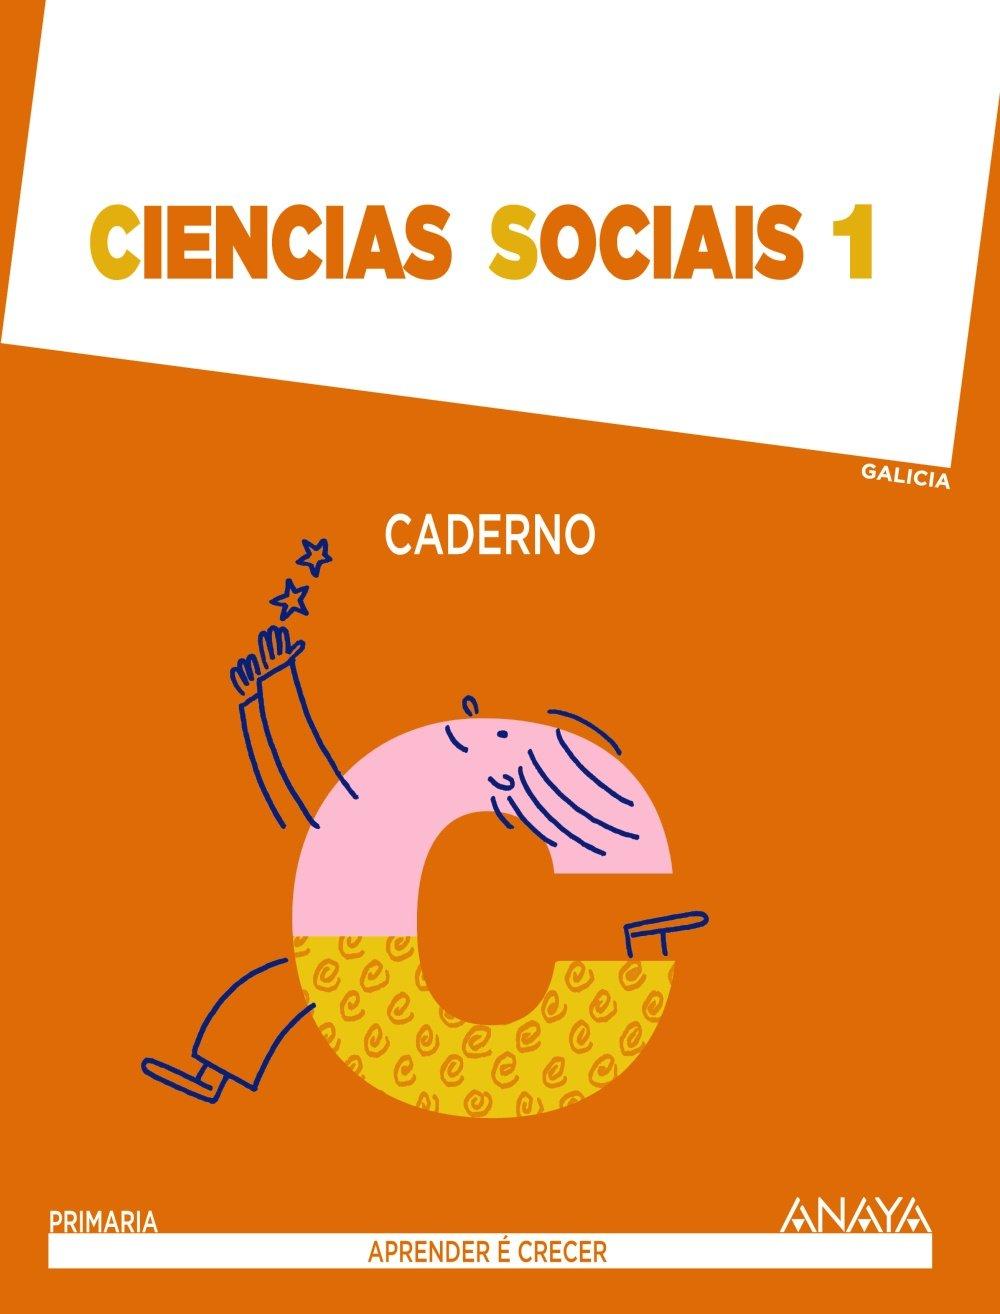 Ciencias Sociais 1. Caderno. (Aprender é crecer) - 9788467847147 (Gallego) Tapa blanda – 3 nov 2014 Anaya Educación ANAYA EDUCACIÓN 846784714X Educational material